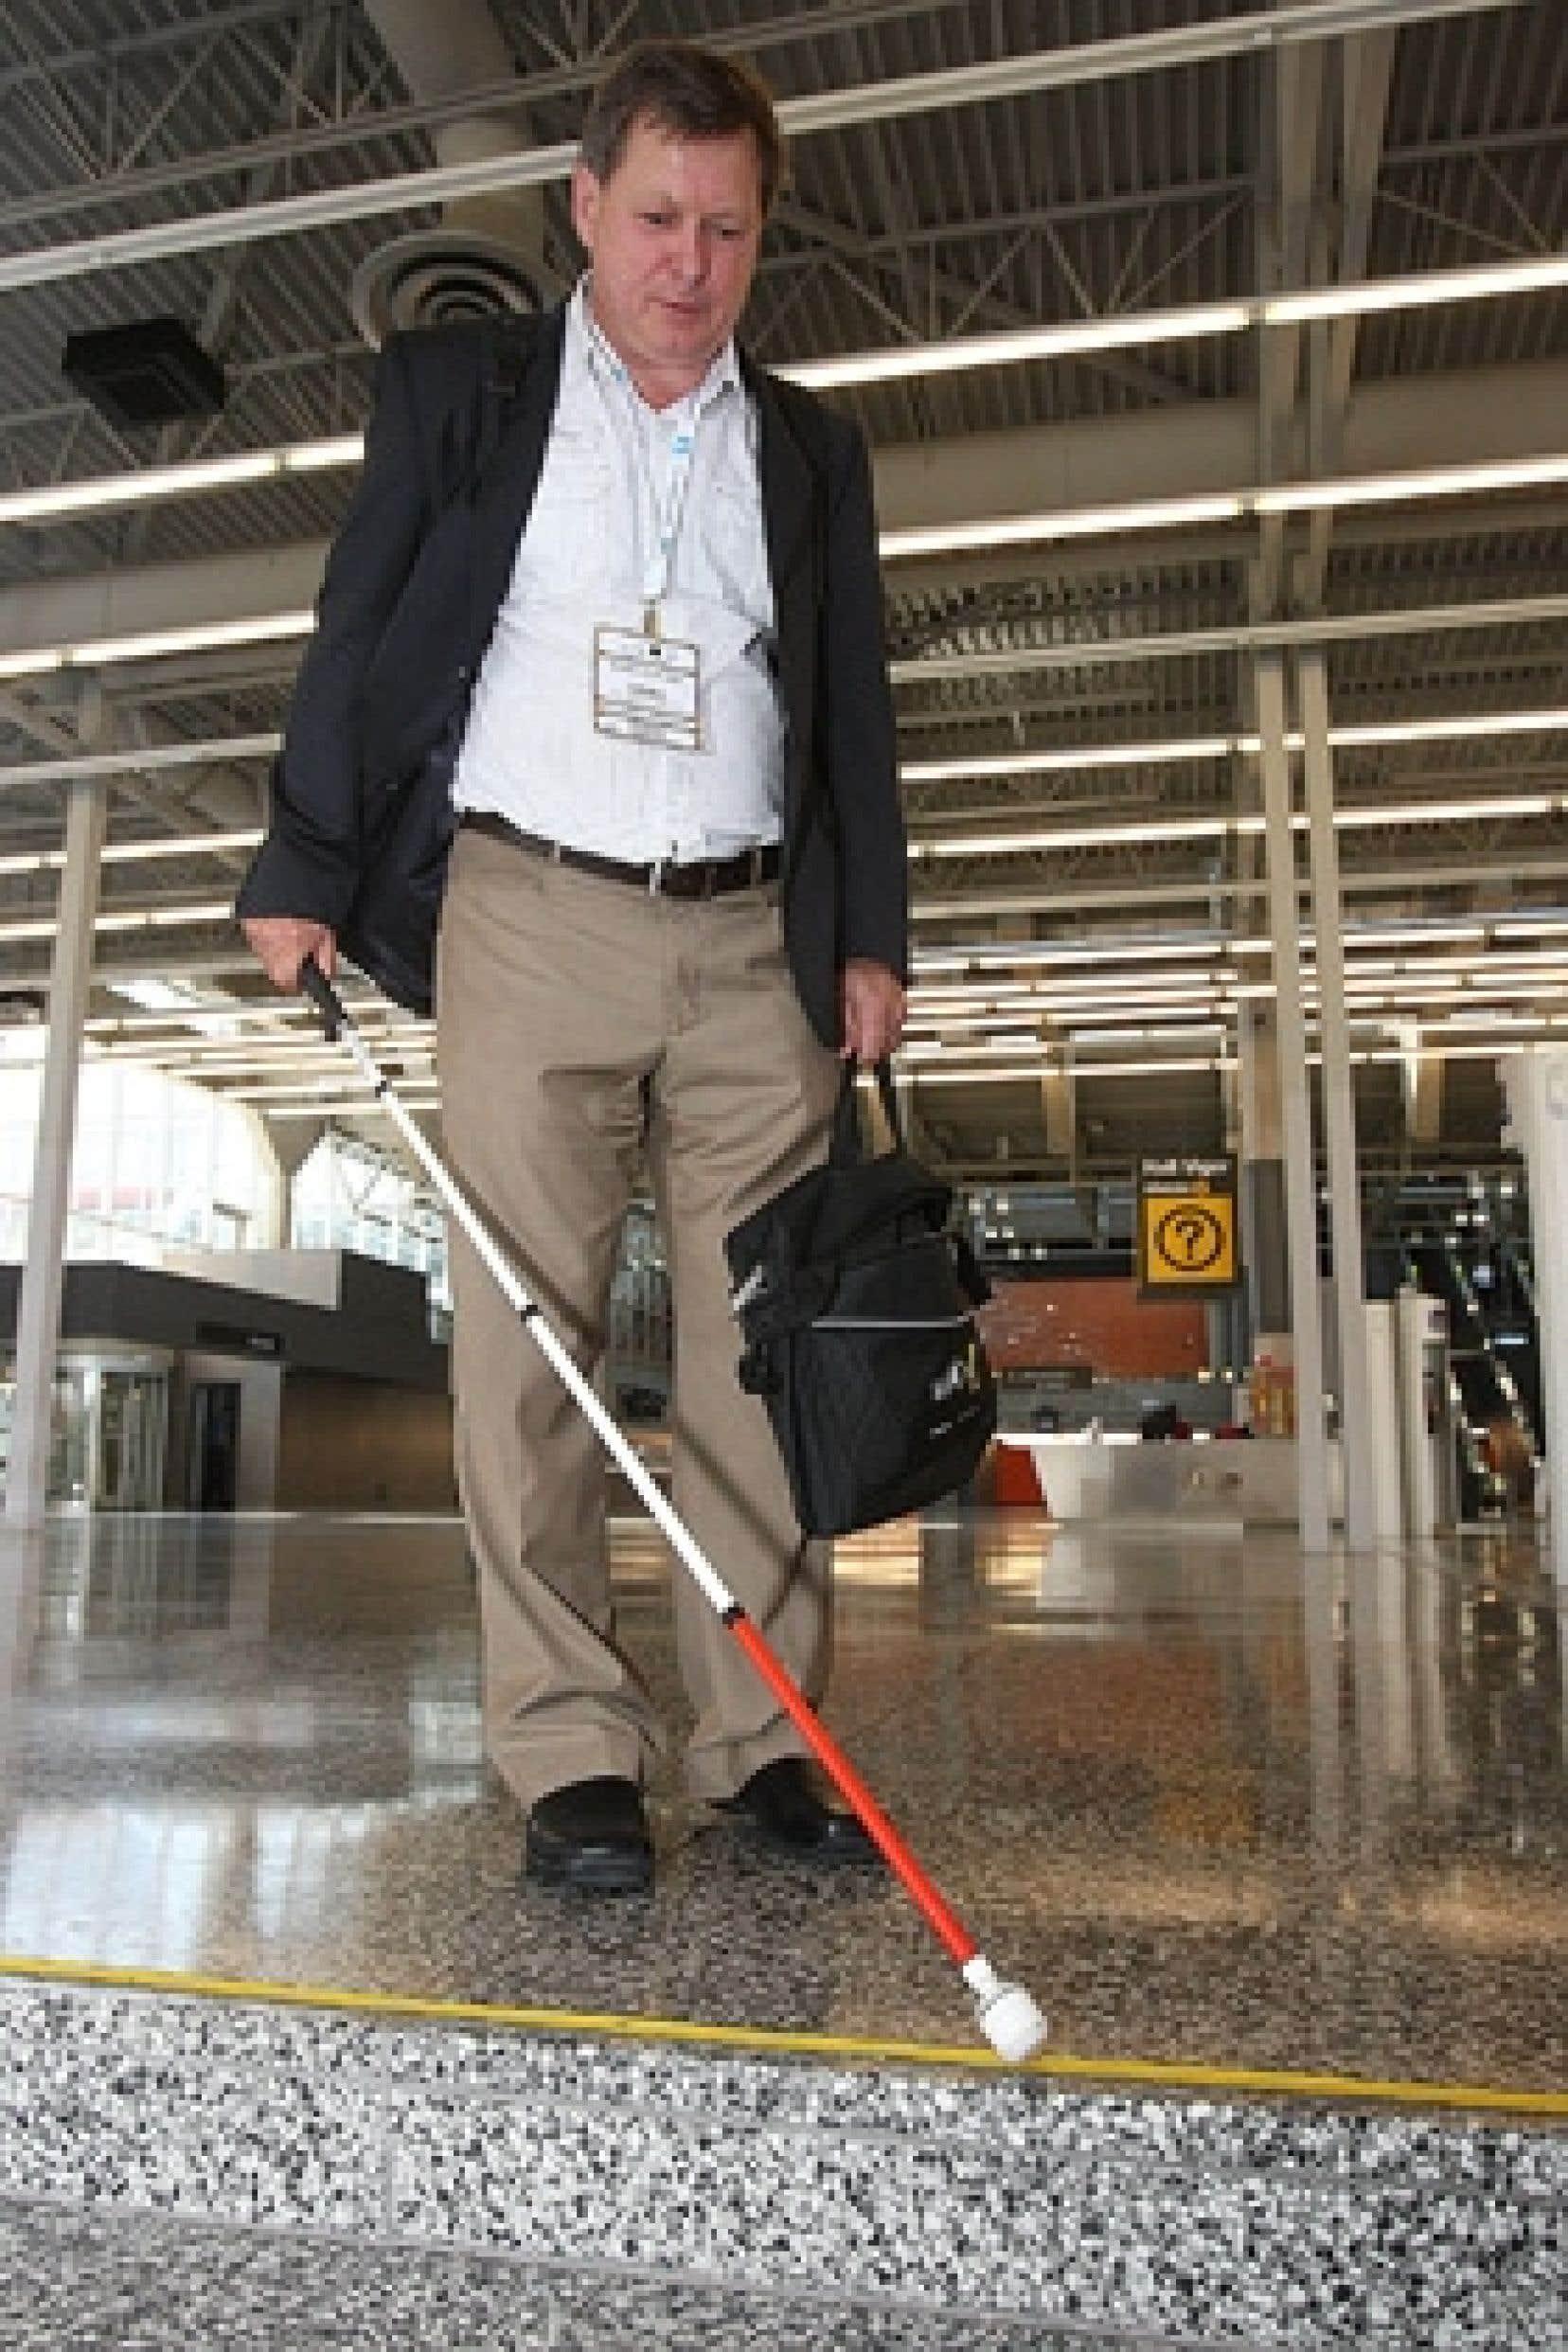 rencontre quelqu'un légalement aveugle